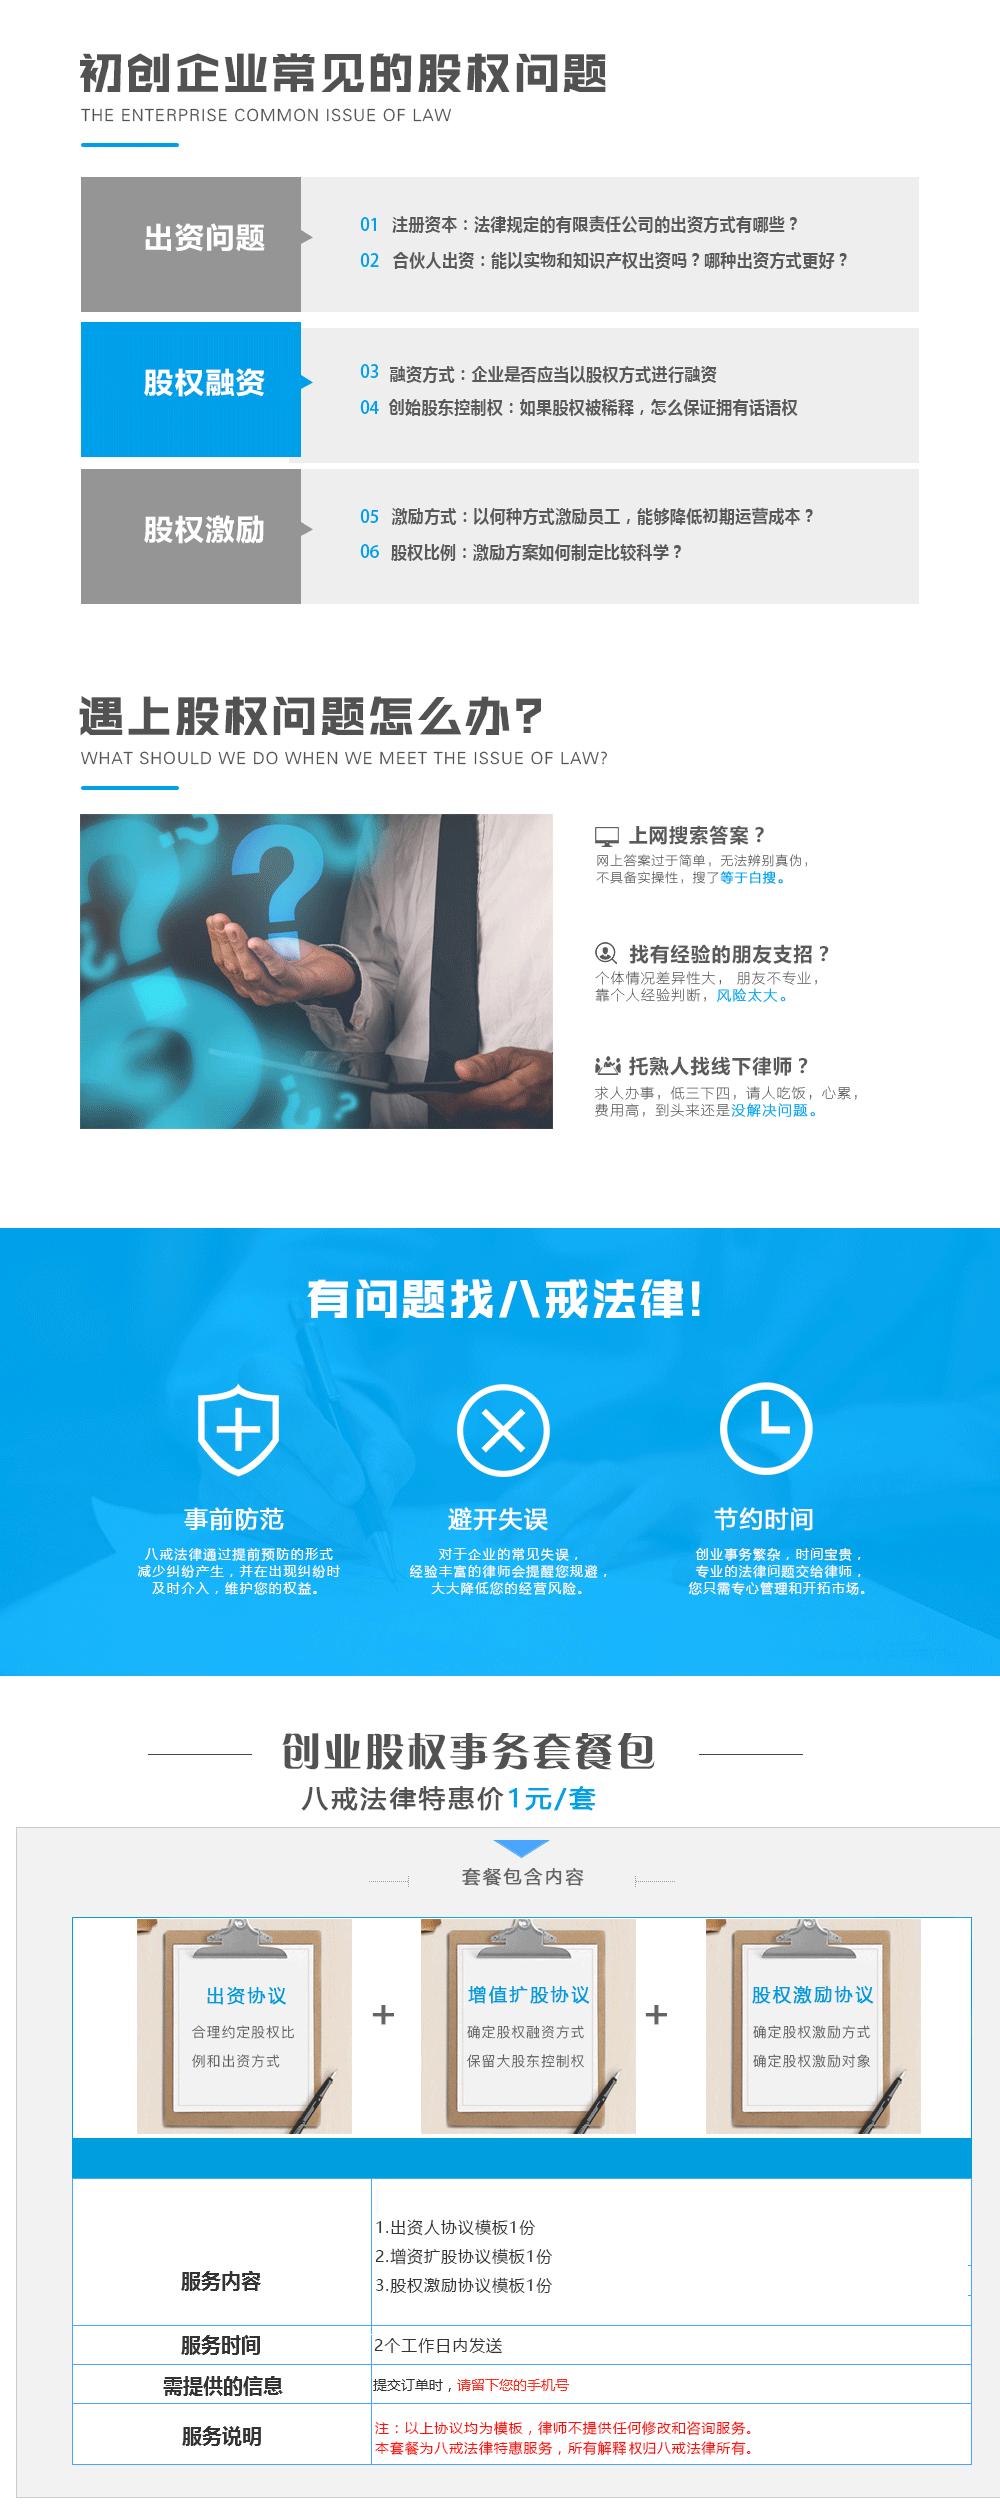 法律咨询_【创业必备】初创企业股权套餐包,规避企业股权风险1